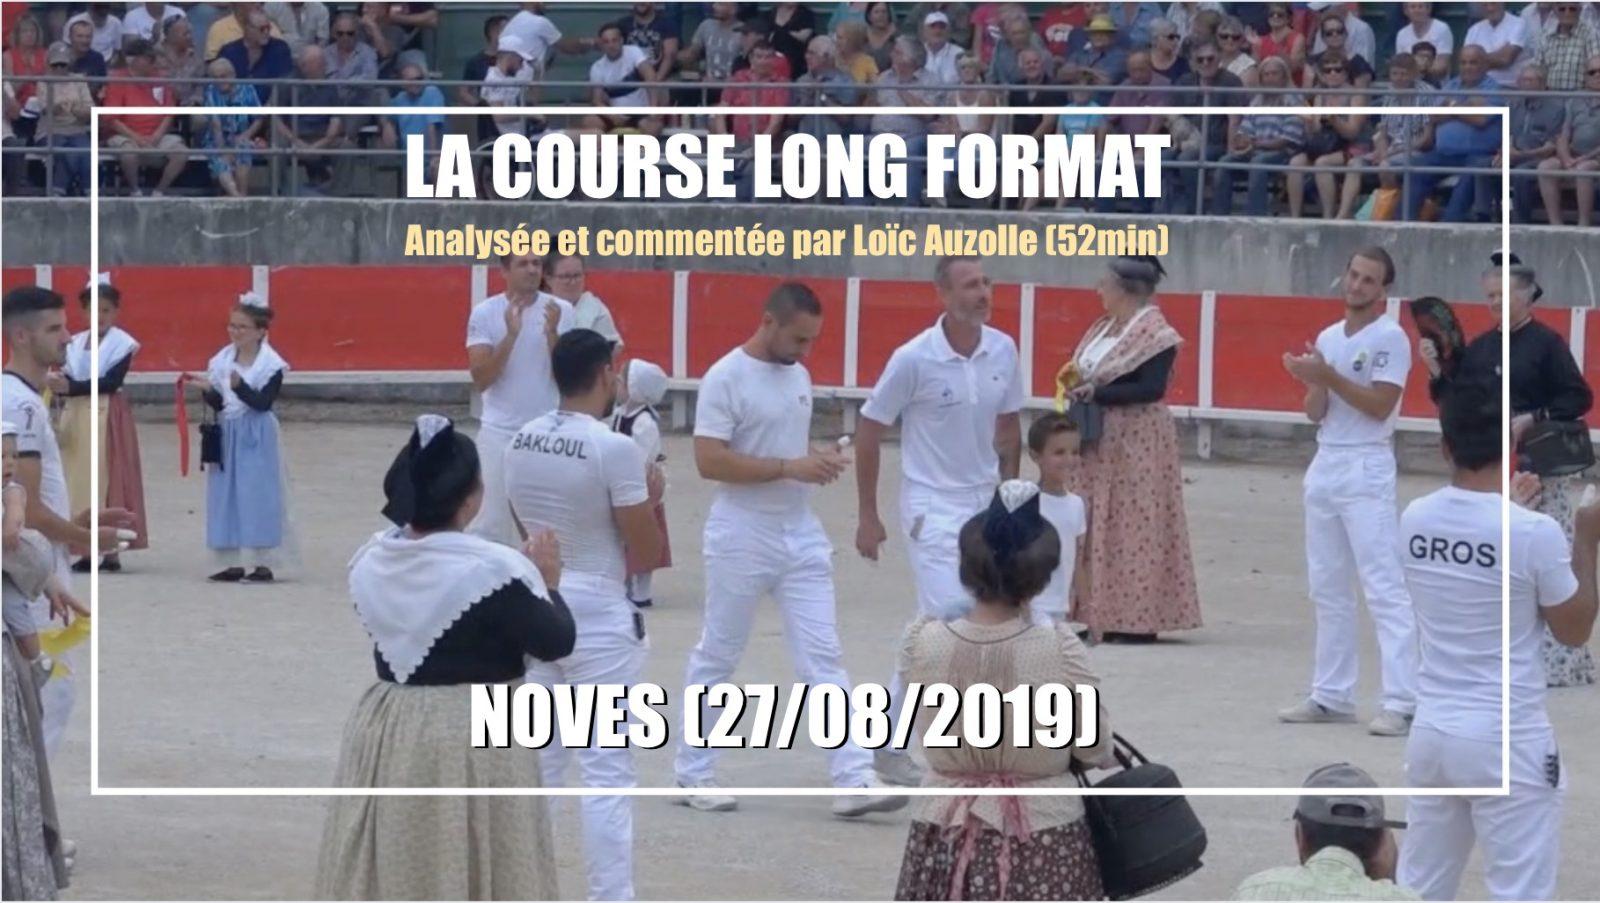 LA COURSE LONG FORMAT – Noves (27/08/2019) – 52min – Analysée et commentée par Loïc Auzolle